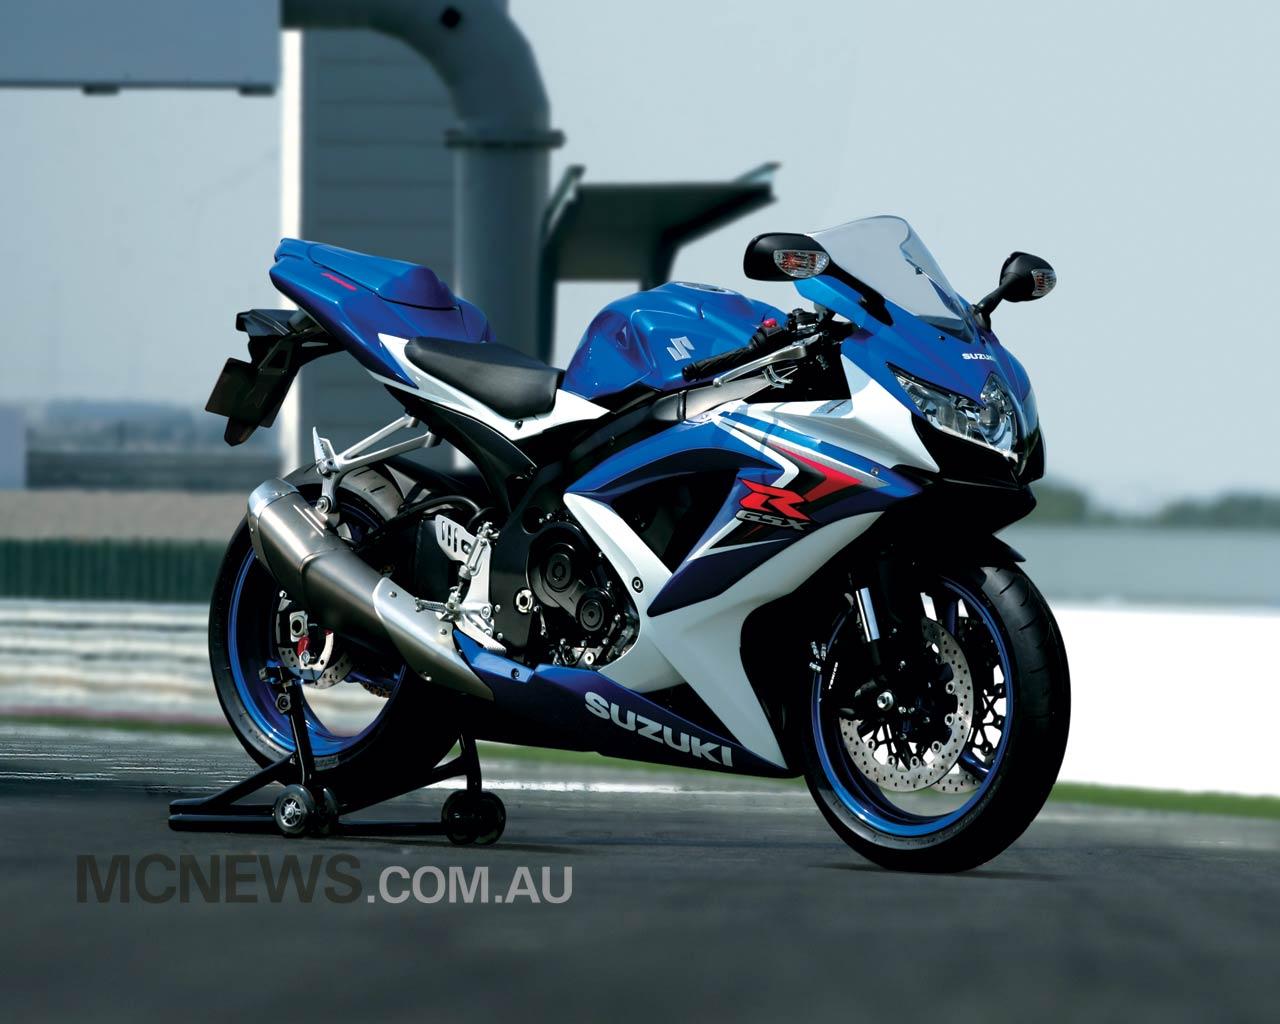 Suzuki Gsxr 600 Wallpaper 1280x1024